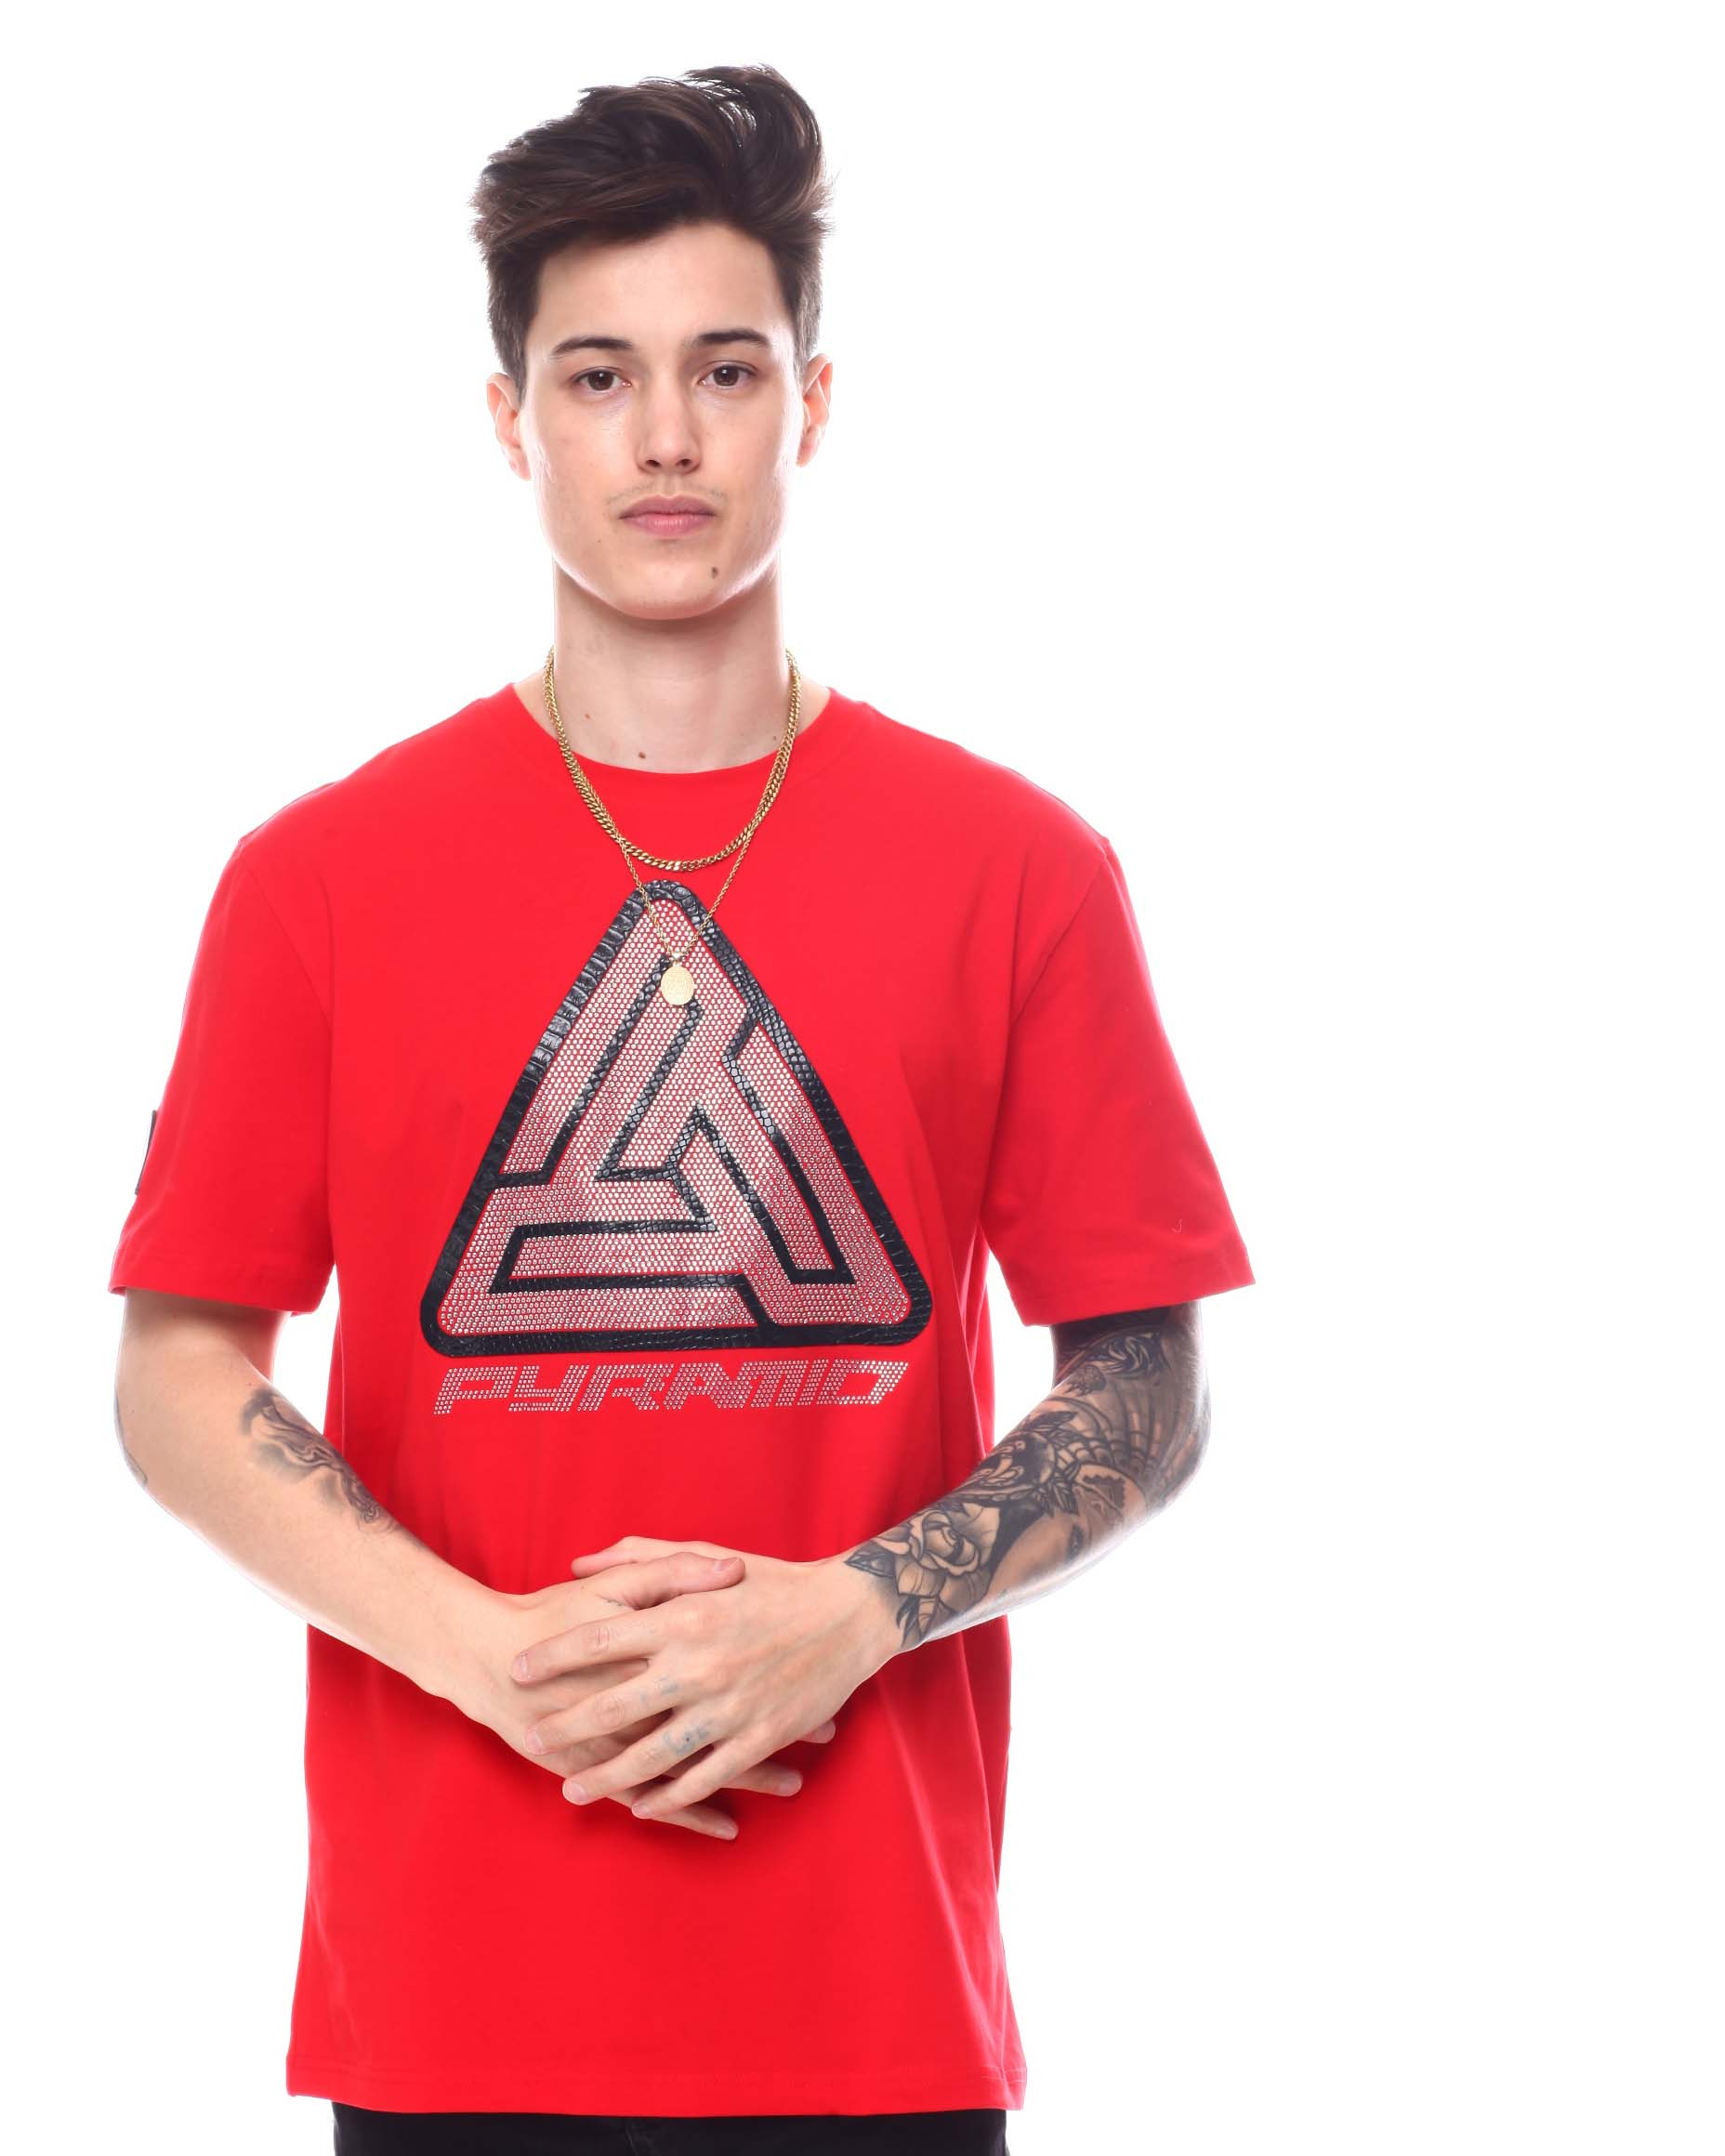 Angle #4